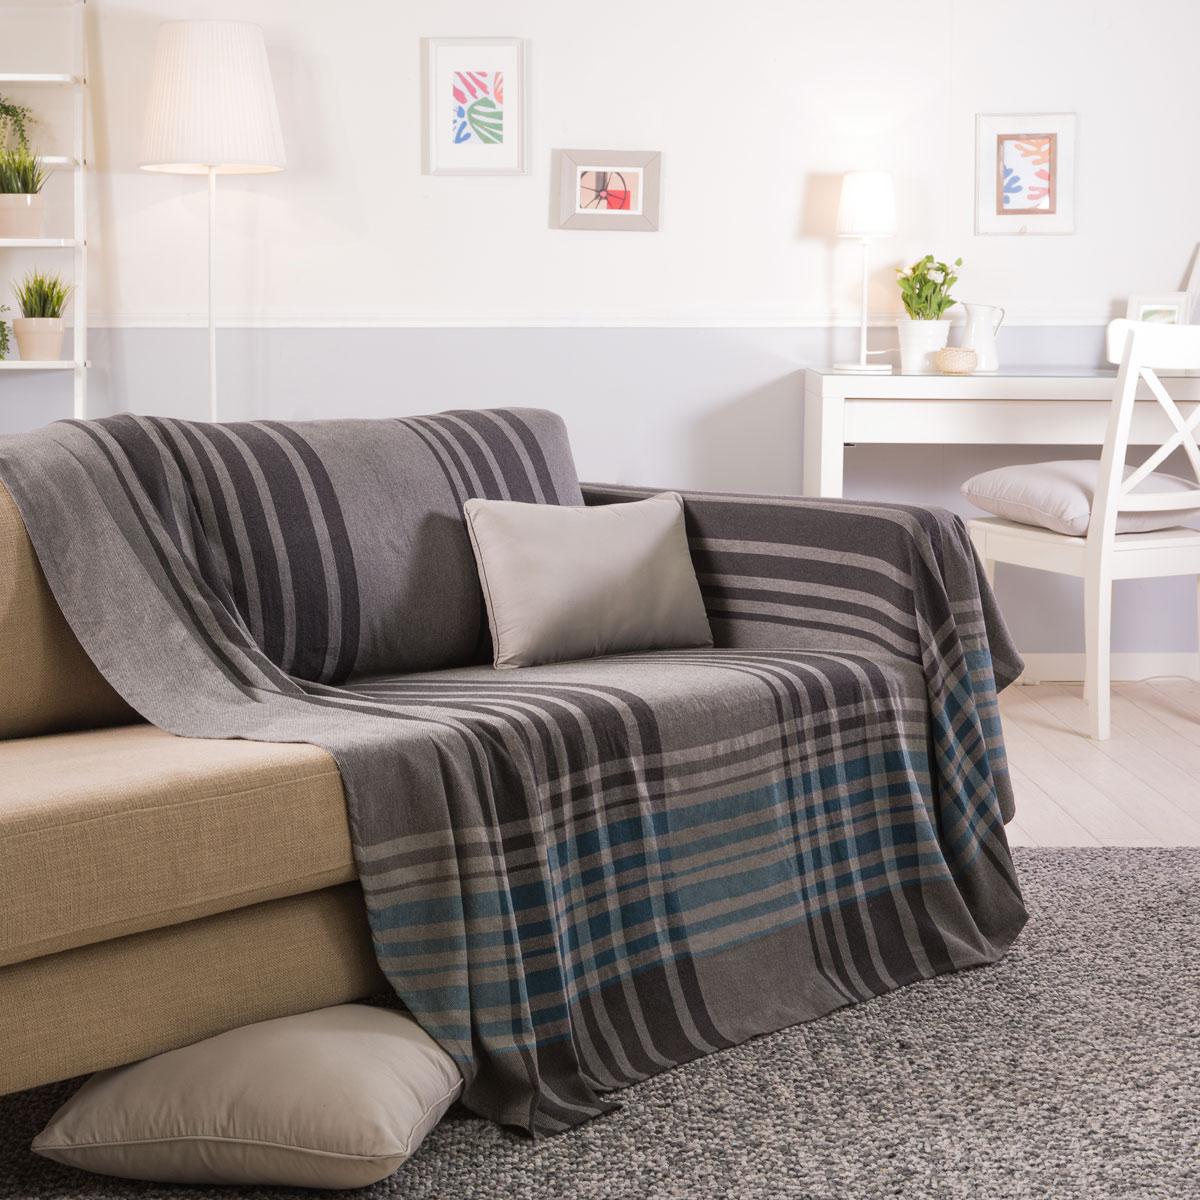 Foulard sofa Rldj Prar Foulard Multiusos A Rayas Azul Gris Barato Foulard